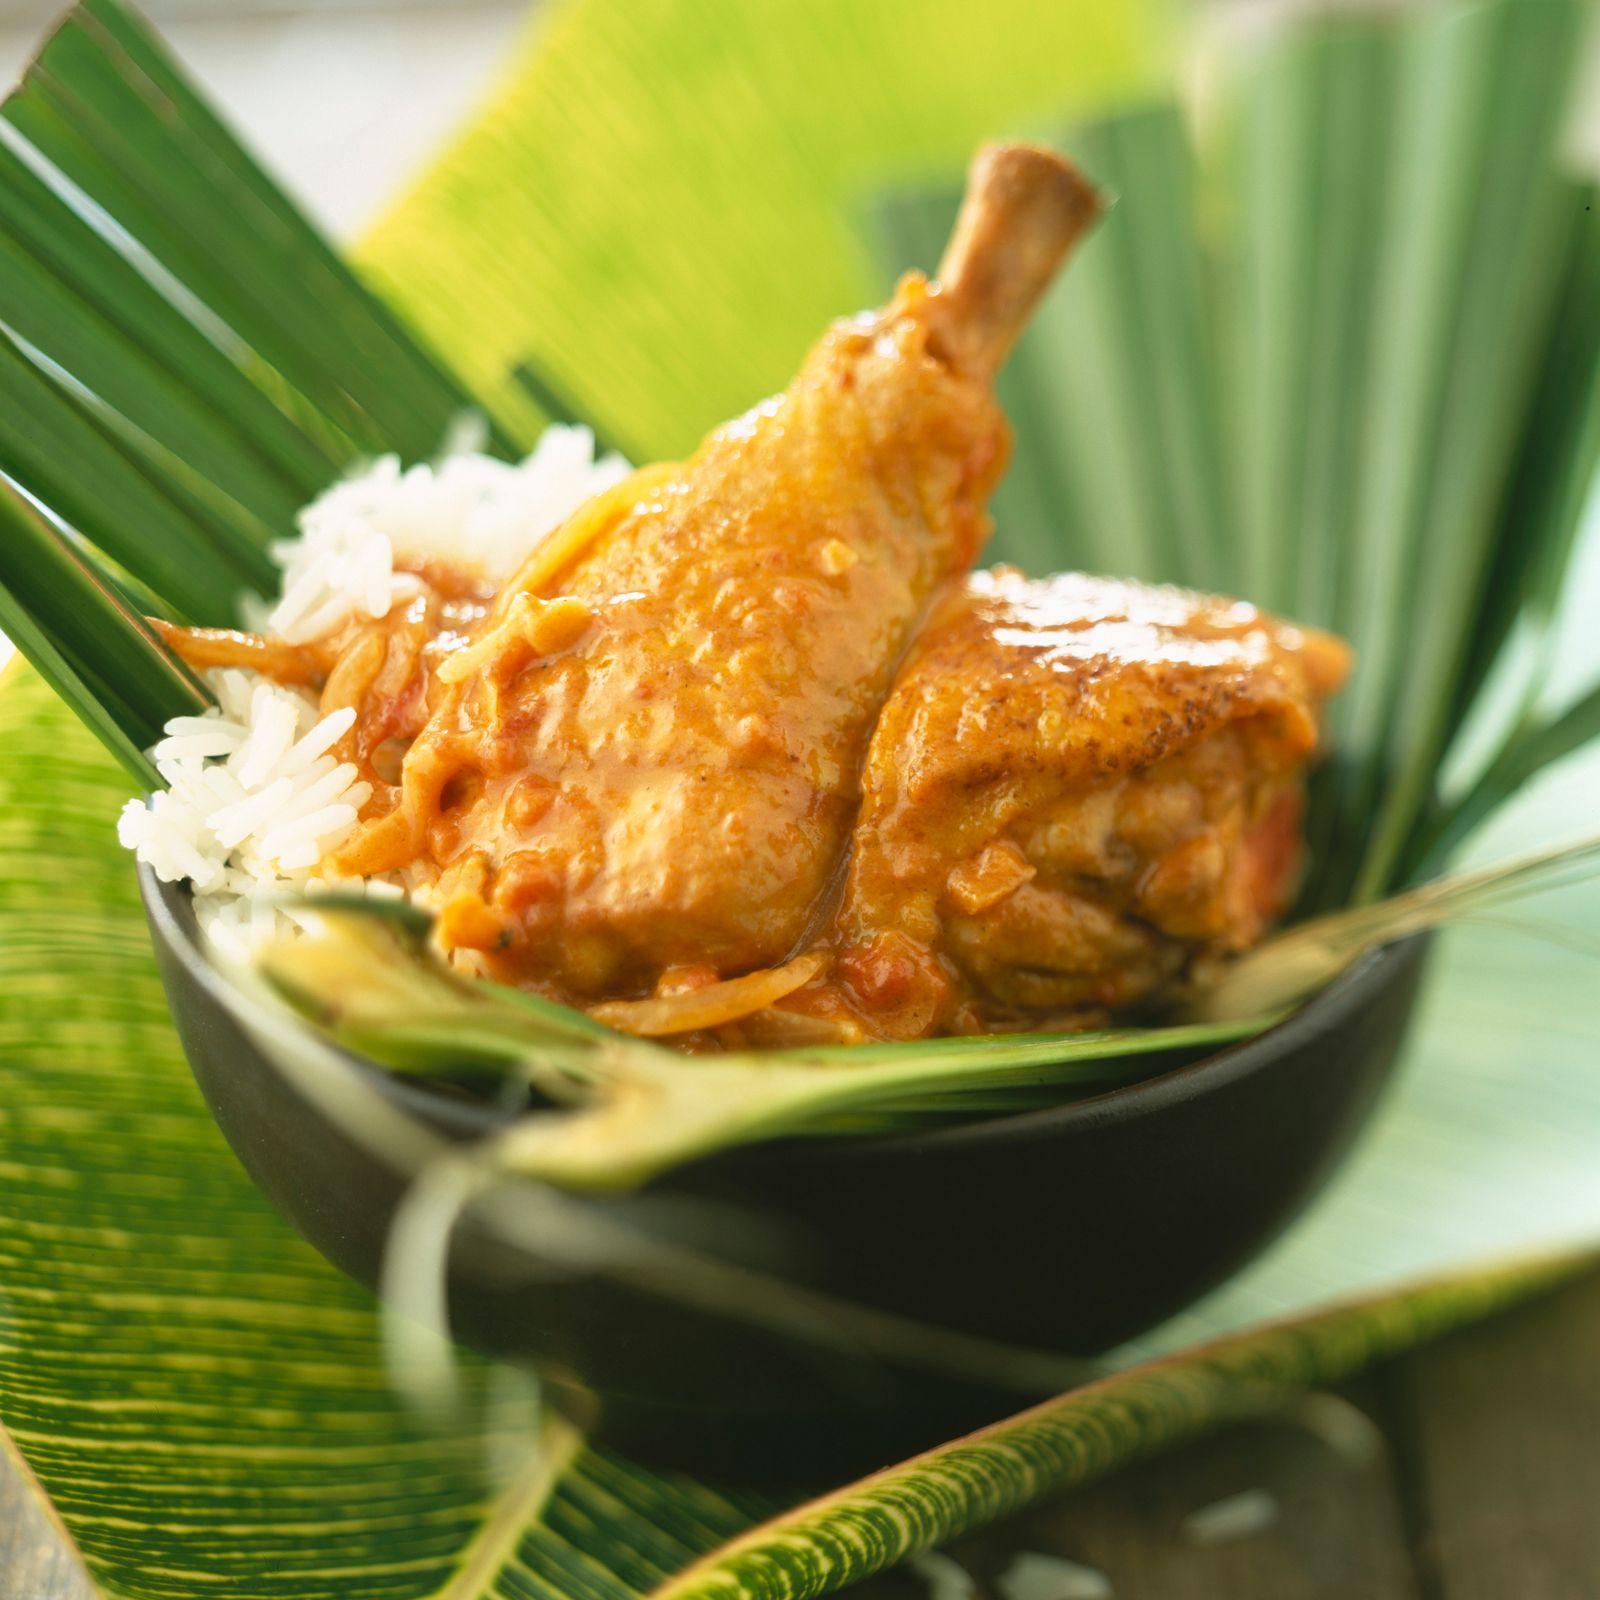 Découvrez La Recette Poulet Antillais à La Noix De Coco Sur - Cuisine actuelle fr